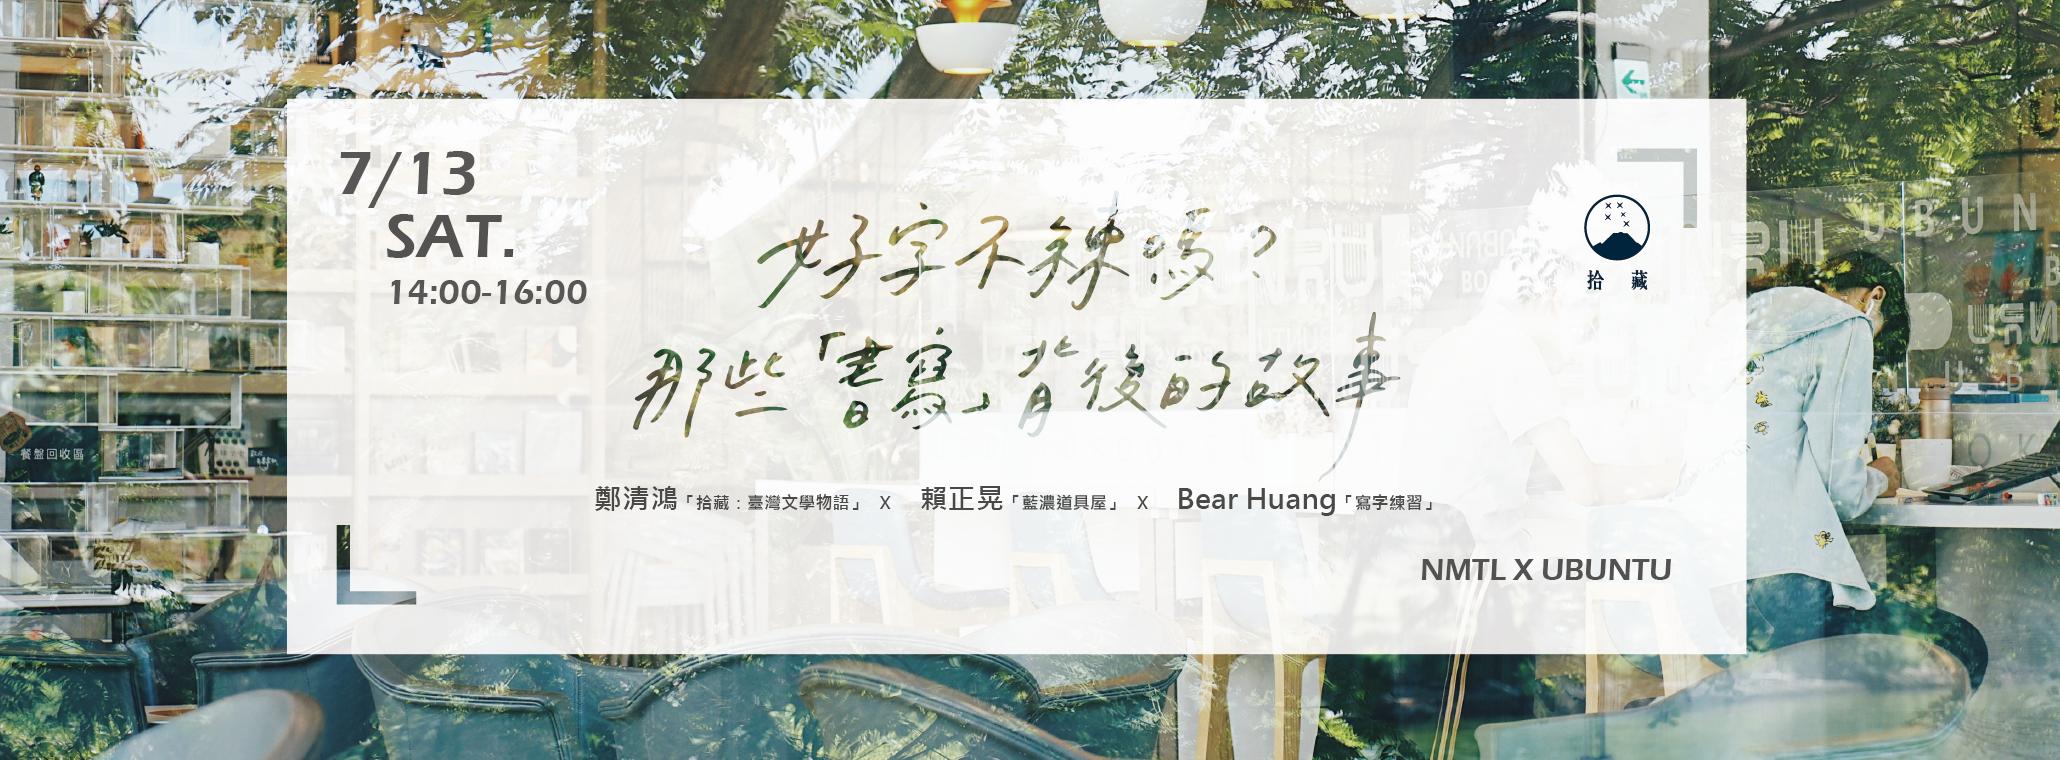 烏邦圖BN-03.png